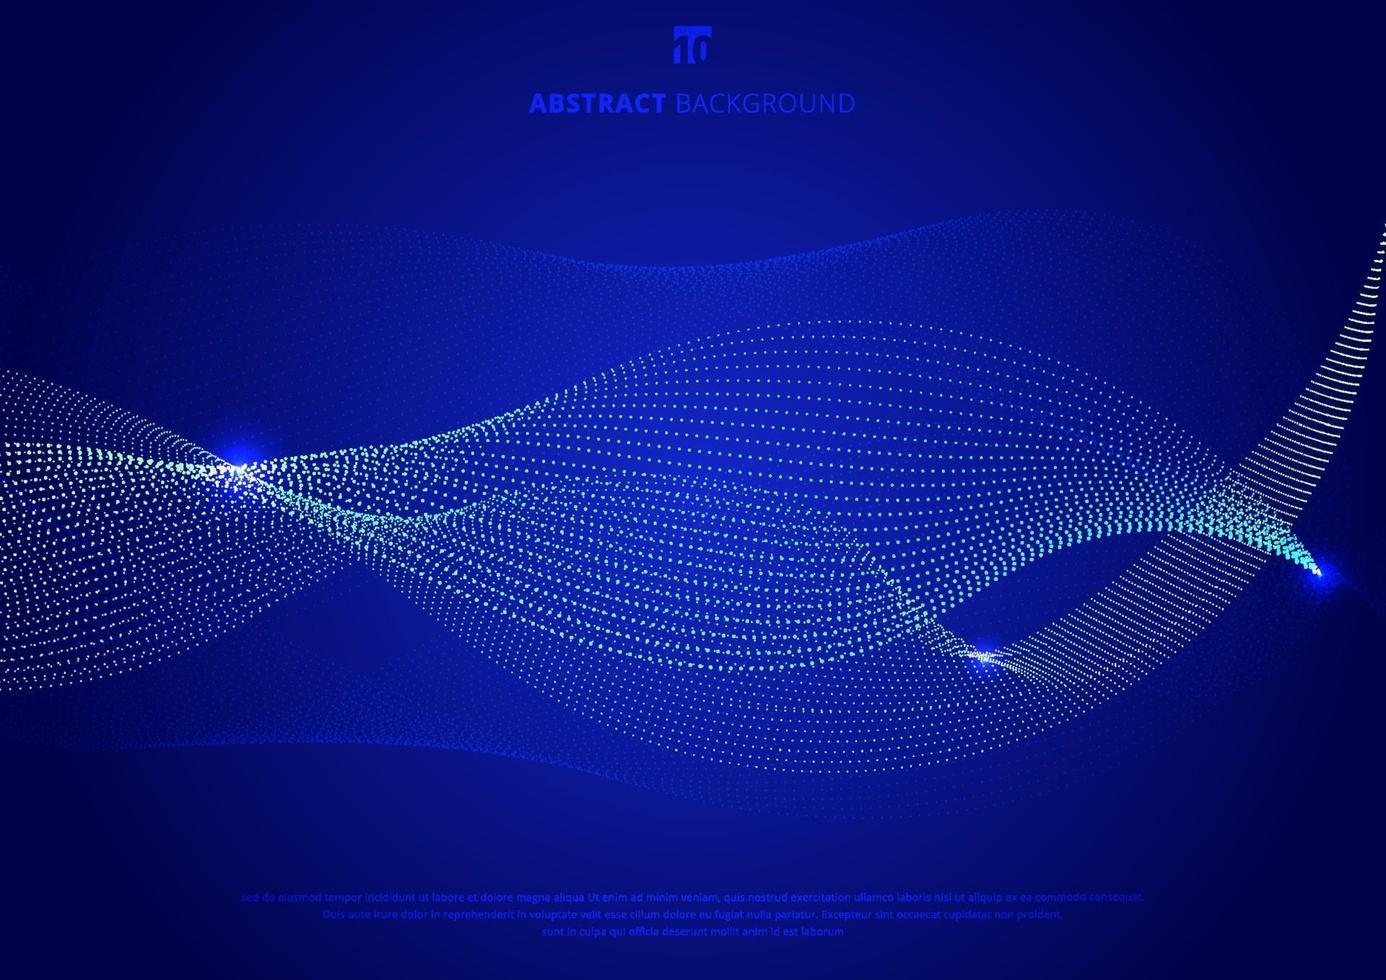 abstrakt blå kurvpartiklar som glöder på mörkblå bakgrundsteknologistil. vektor